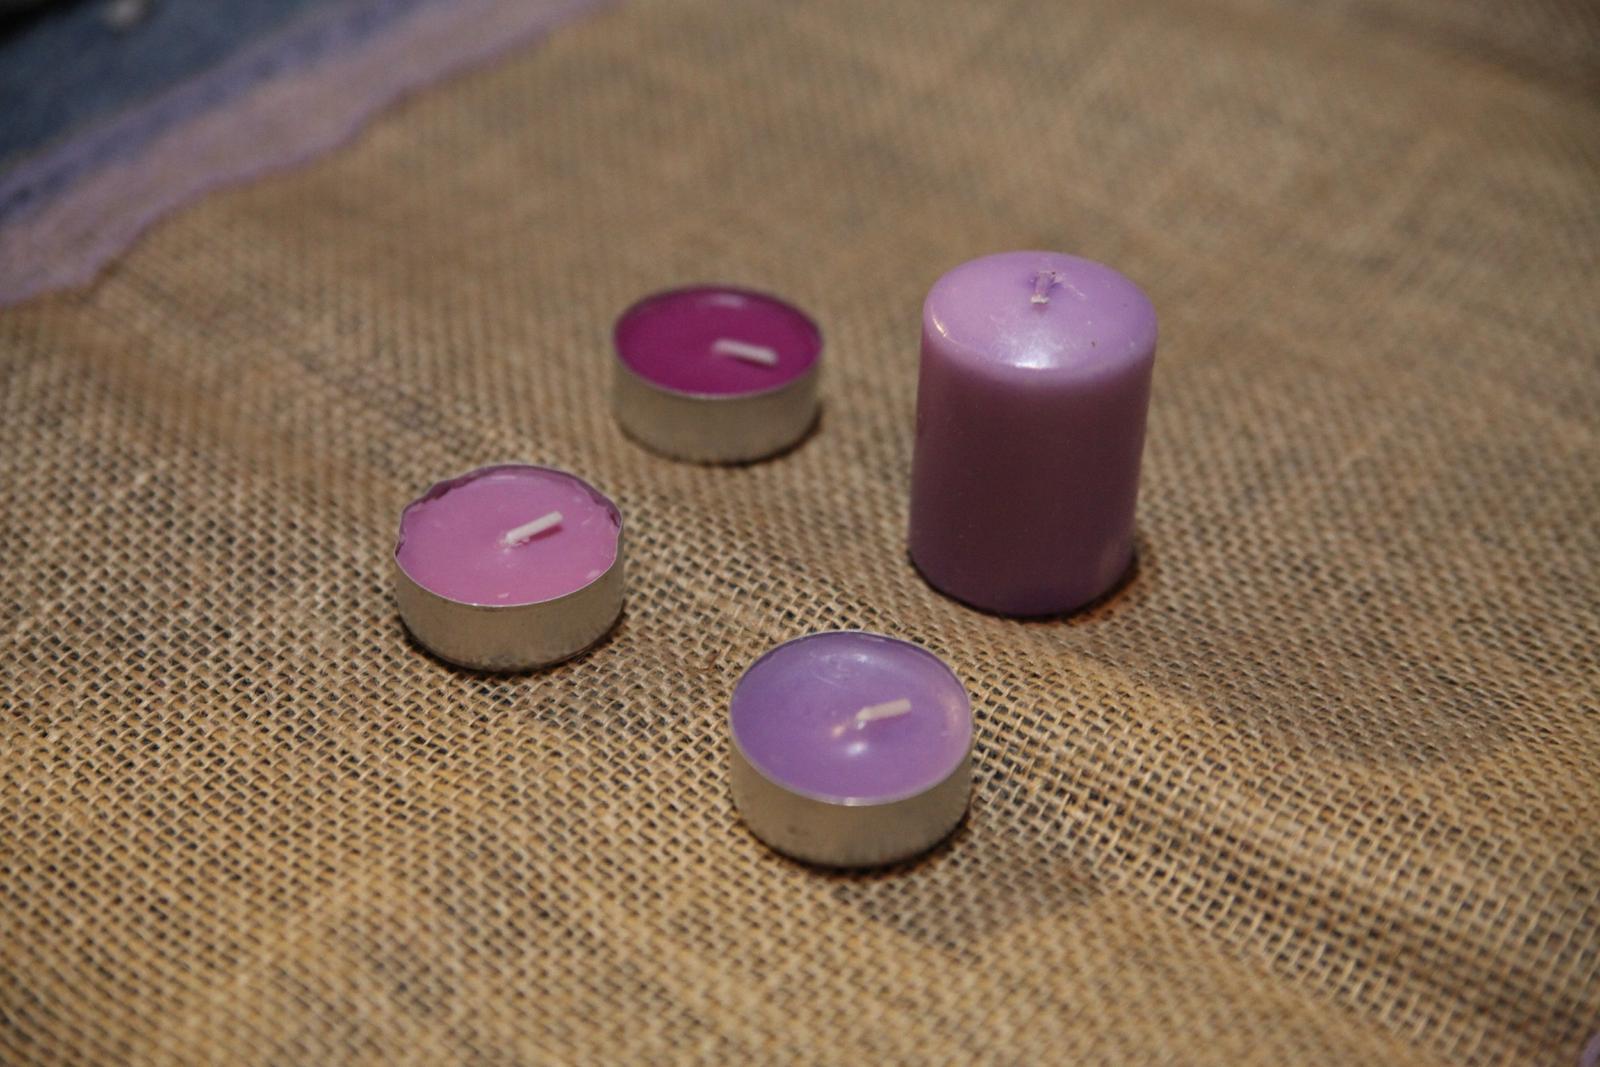 Svíčky - Obrázek č. 1